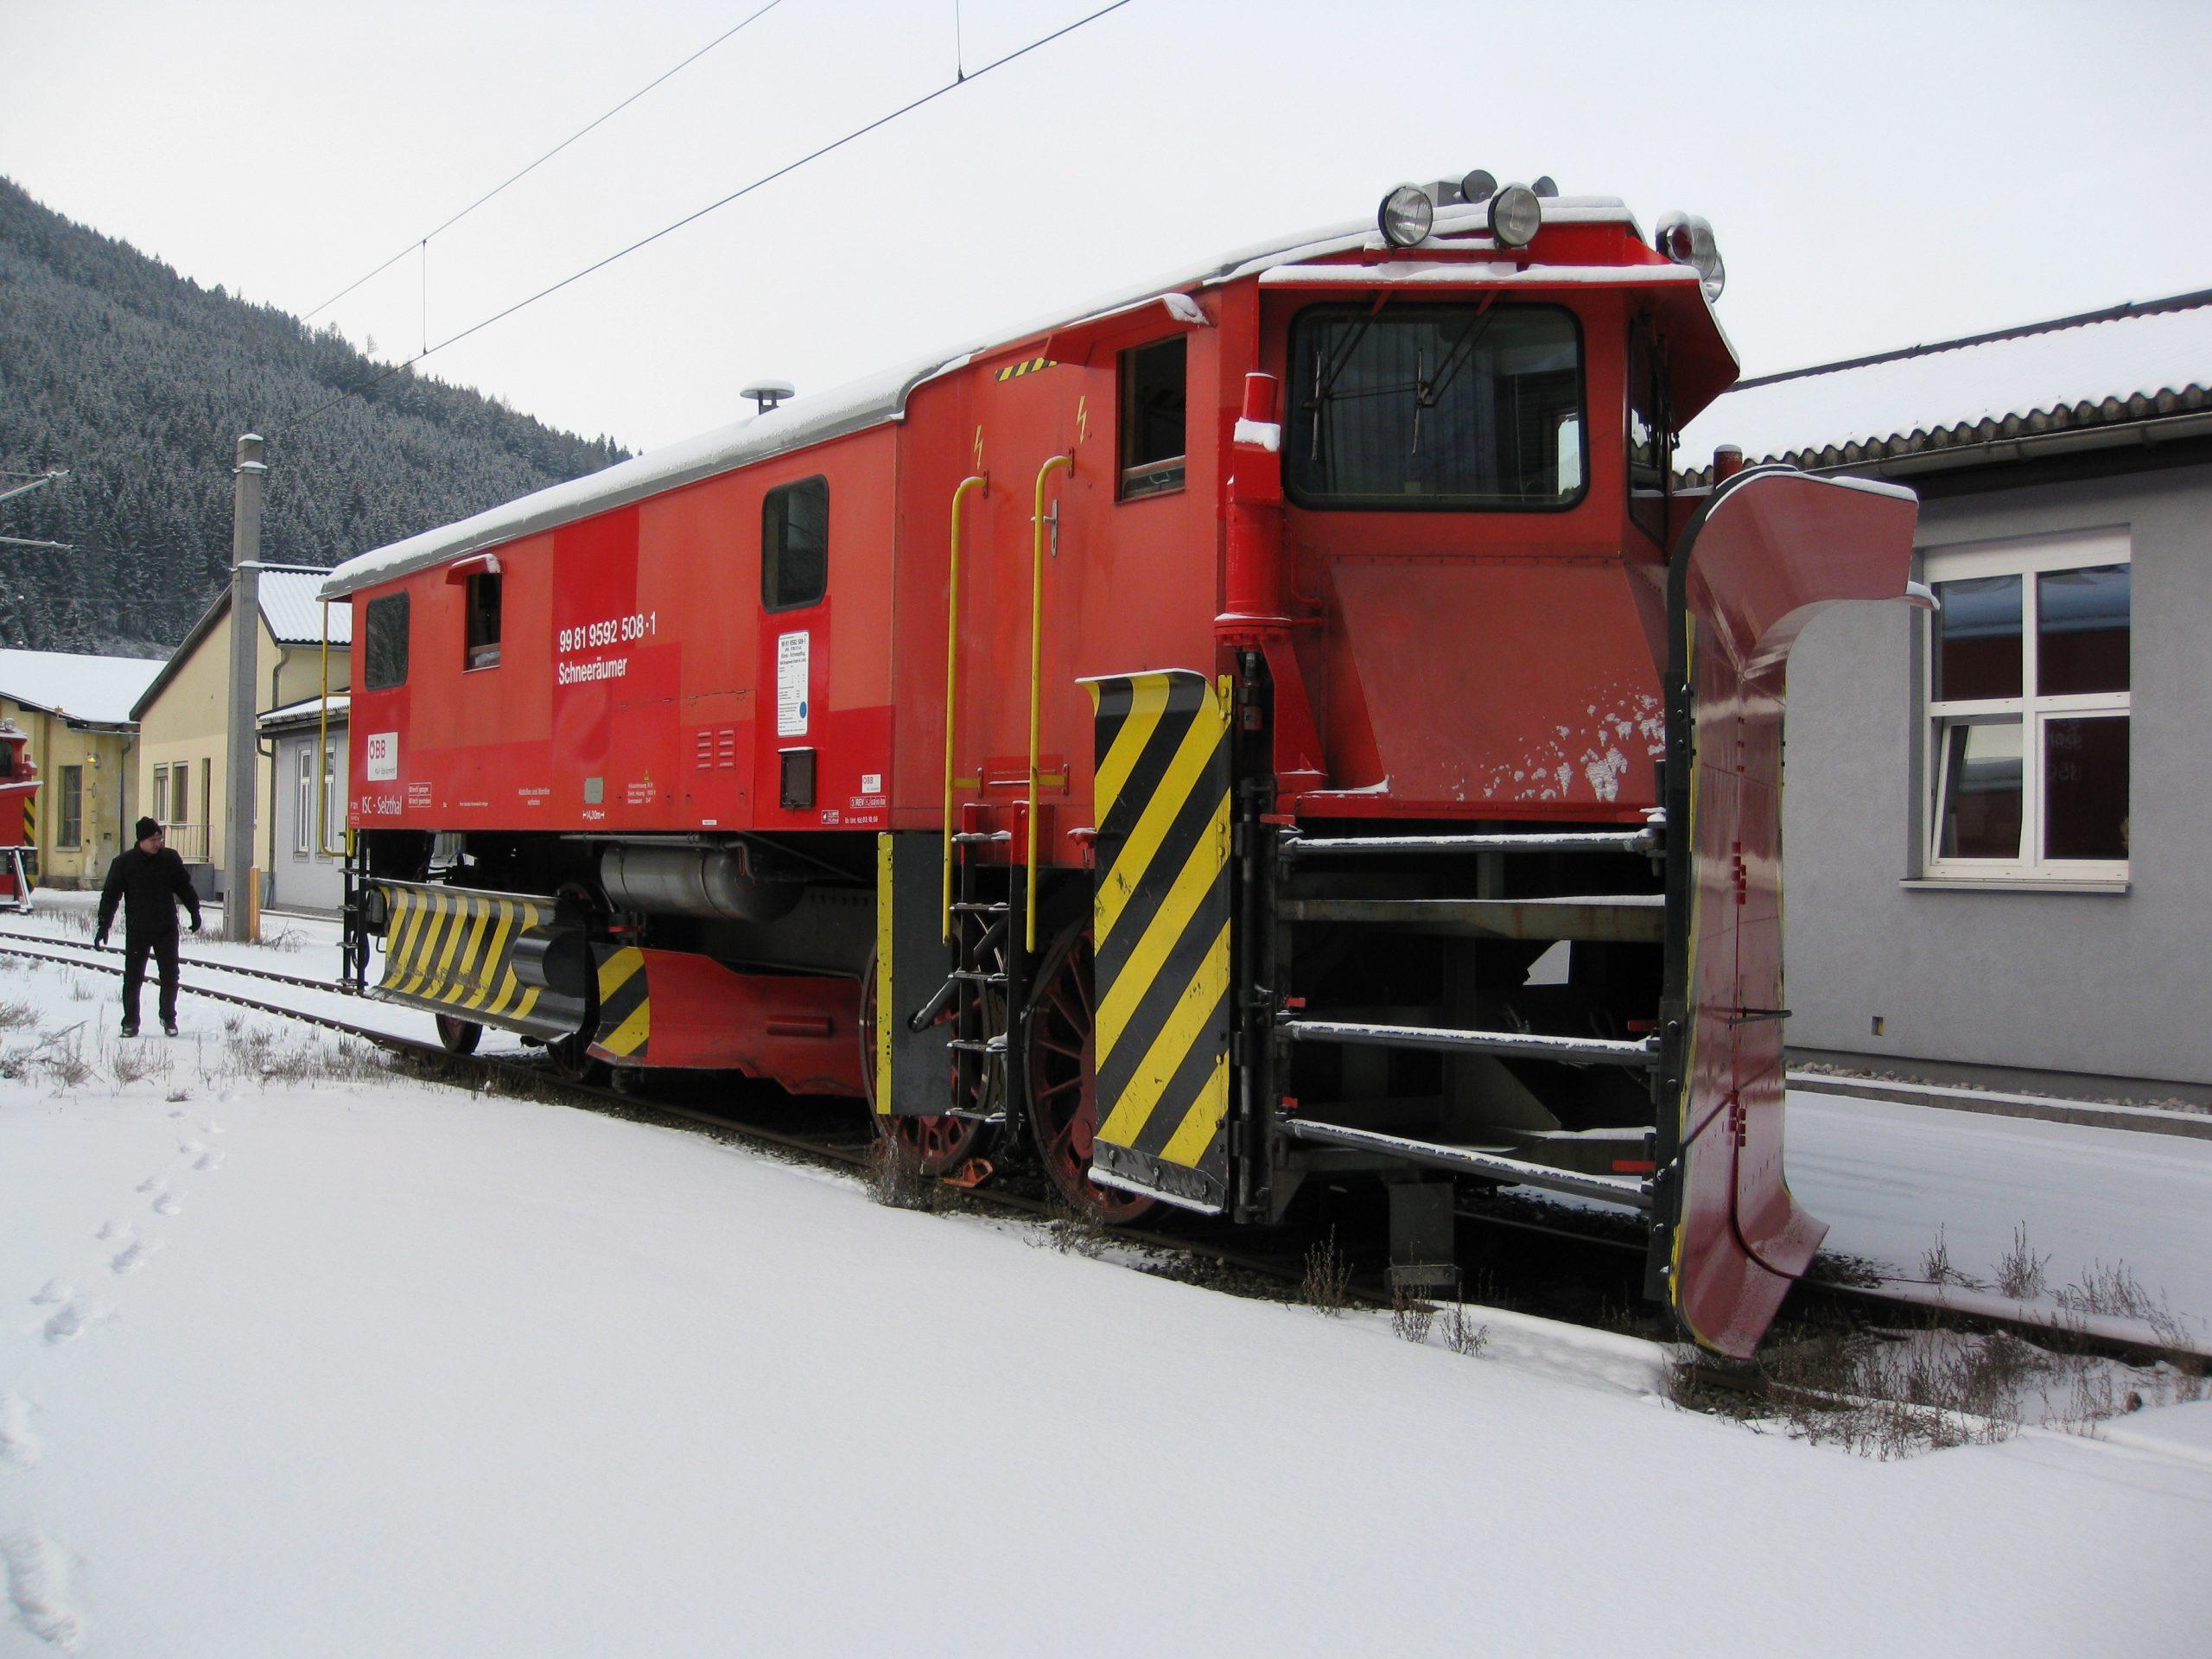 IMG_2871_ÖBB_Klimaschneepflug_Nicht modernisierter Schneeräumer 99819592508-1_2009-12-21 im Depot Selzthal_Foto Roger Waller